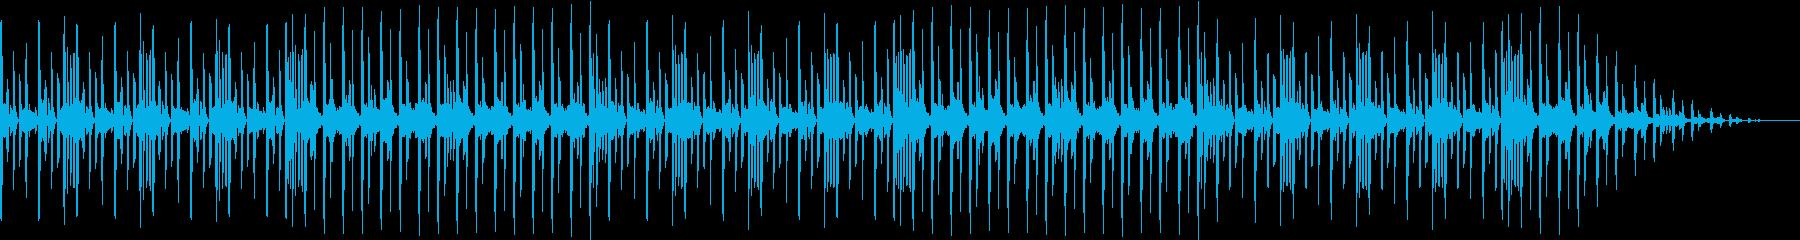 メニュー選択などに最適なループBGMの再生済みの波形